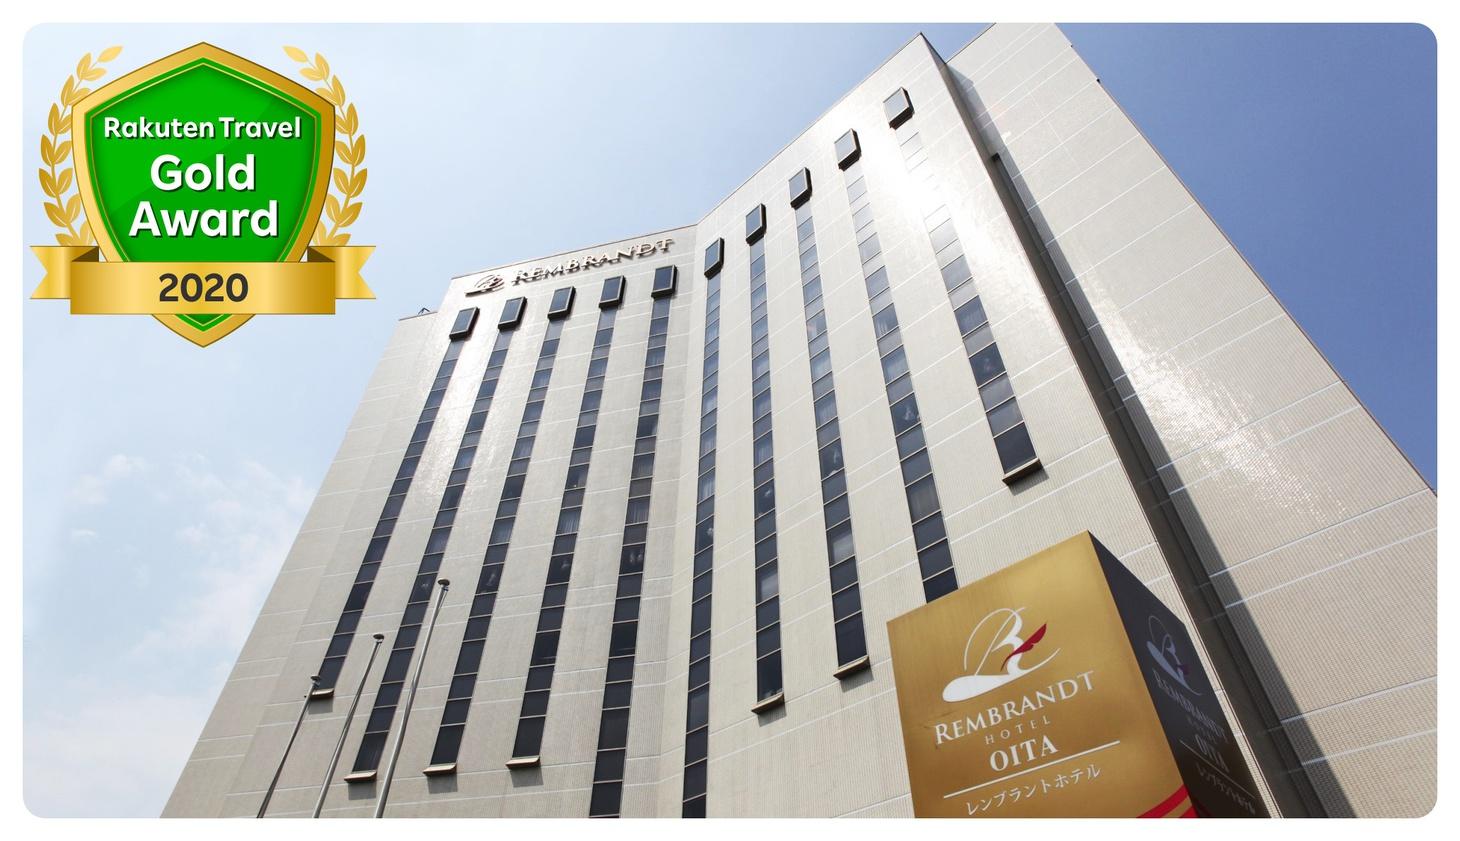 レンブラントホテル大分 image